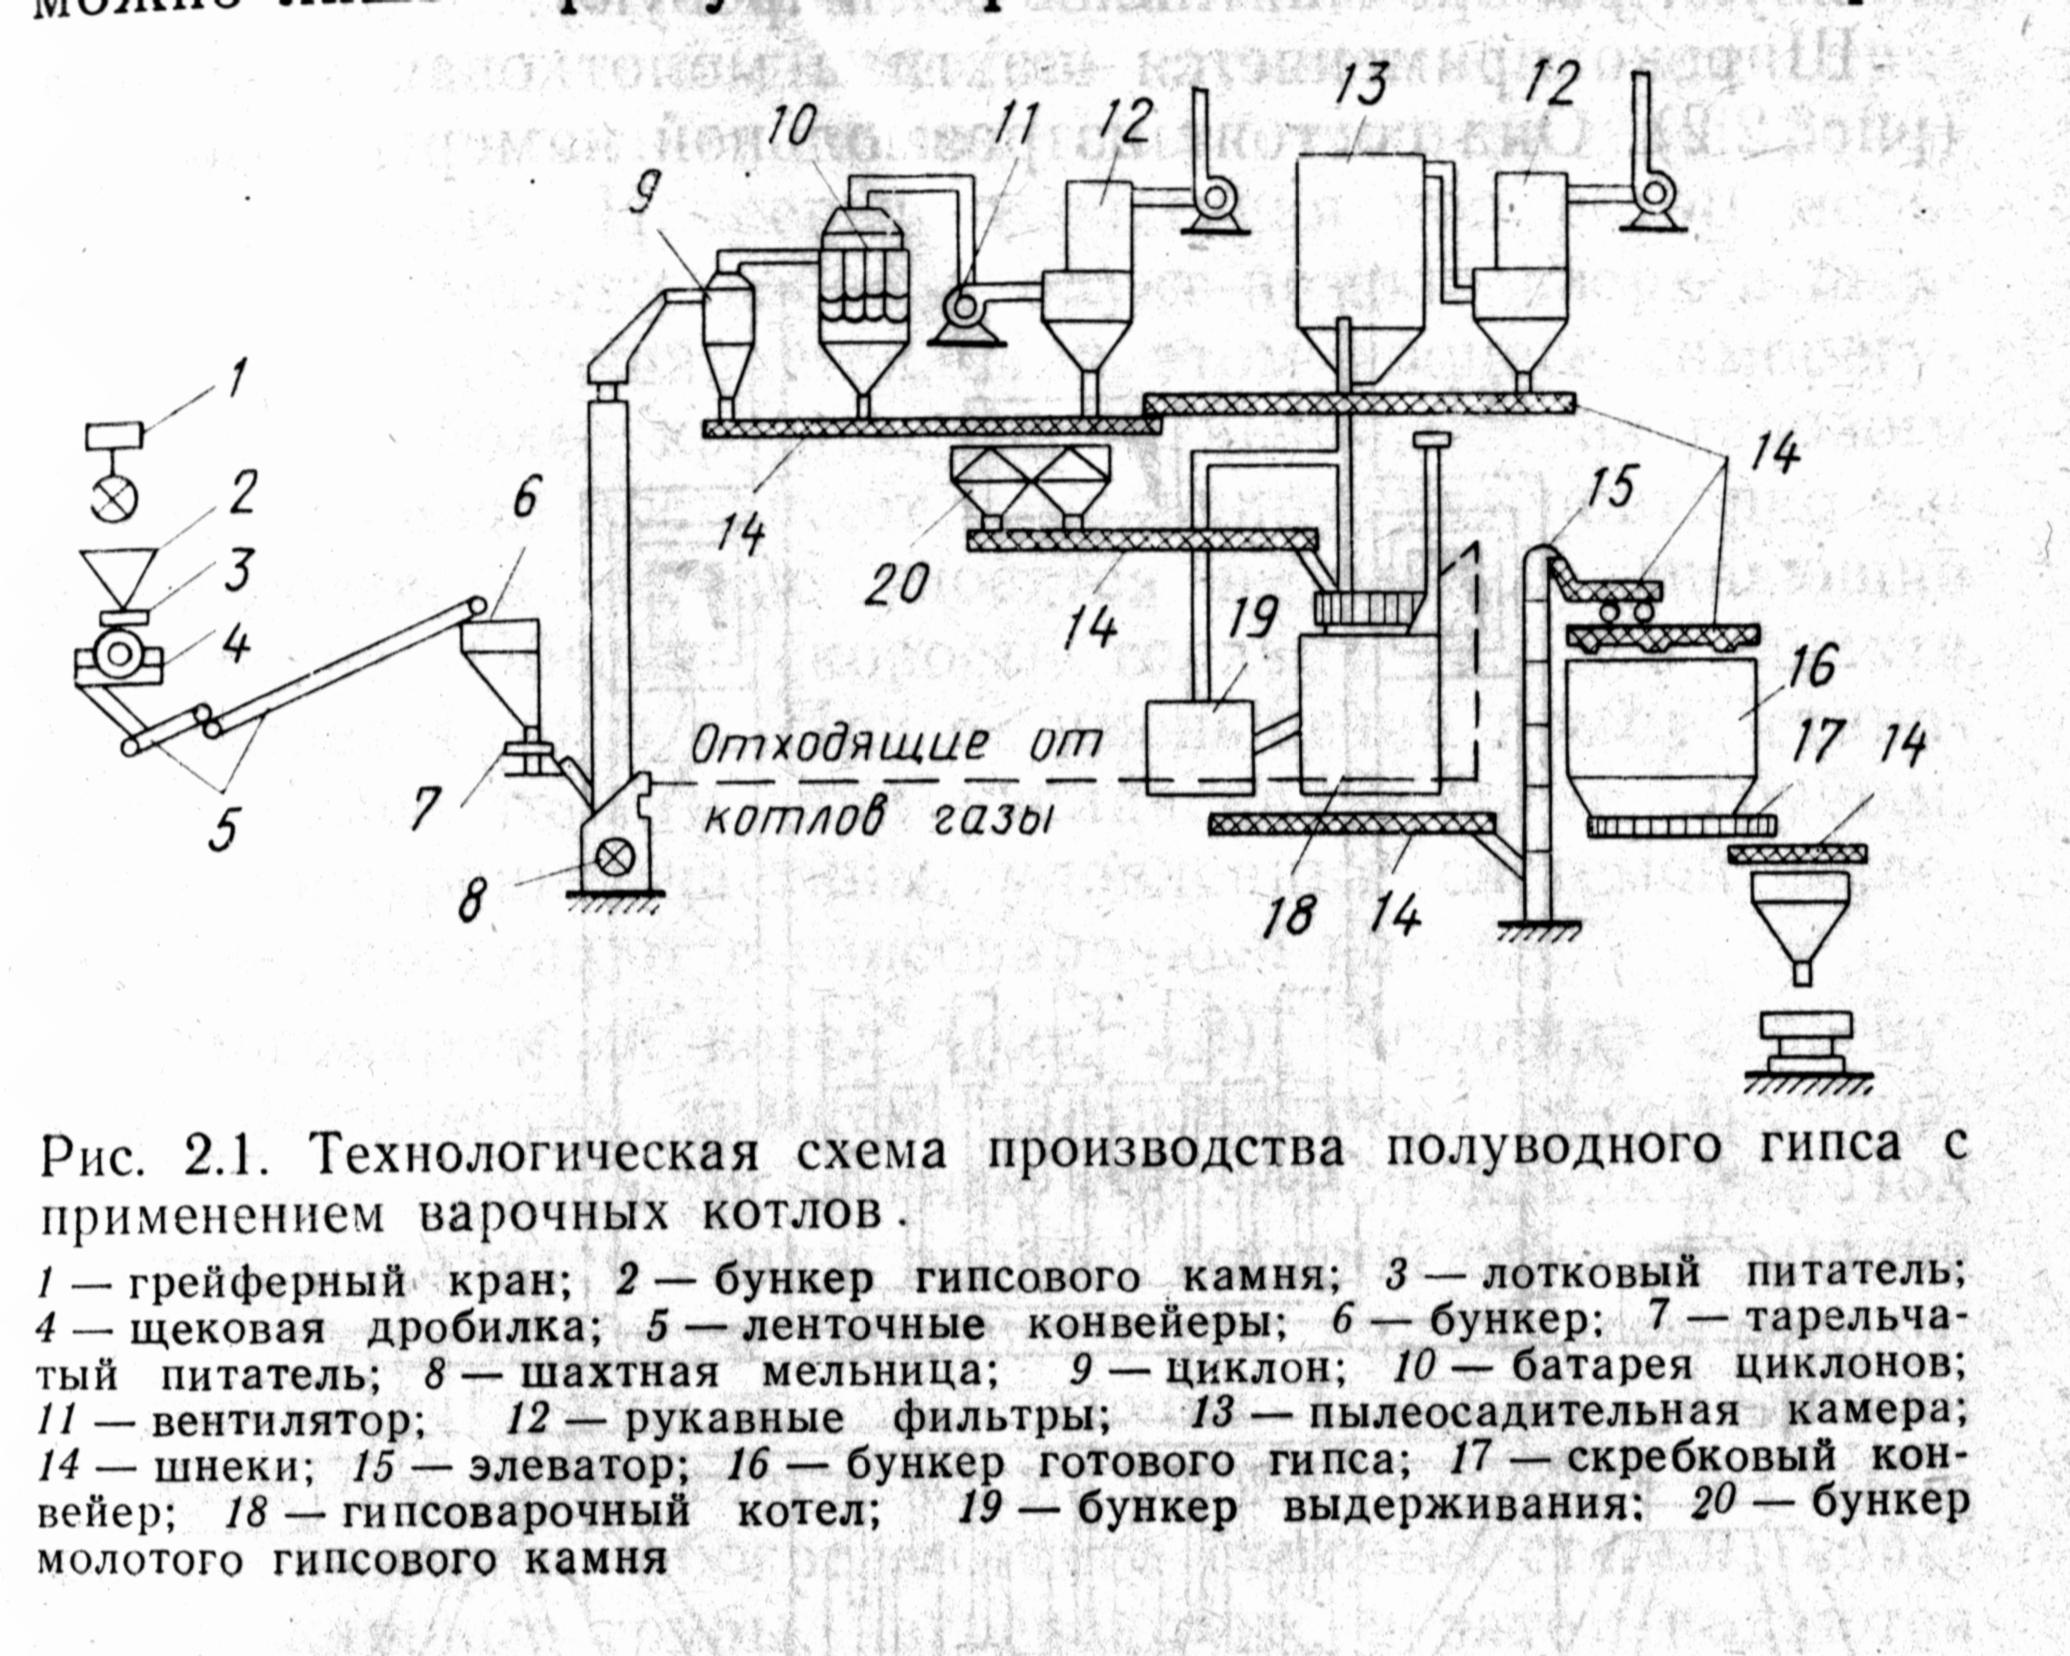 Технологическая схема производства гипса фото 414